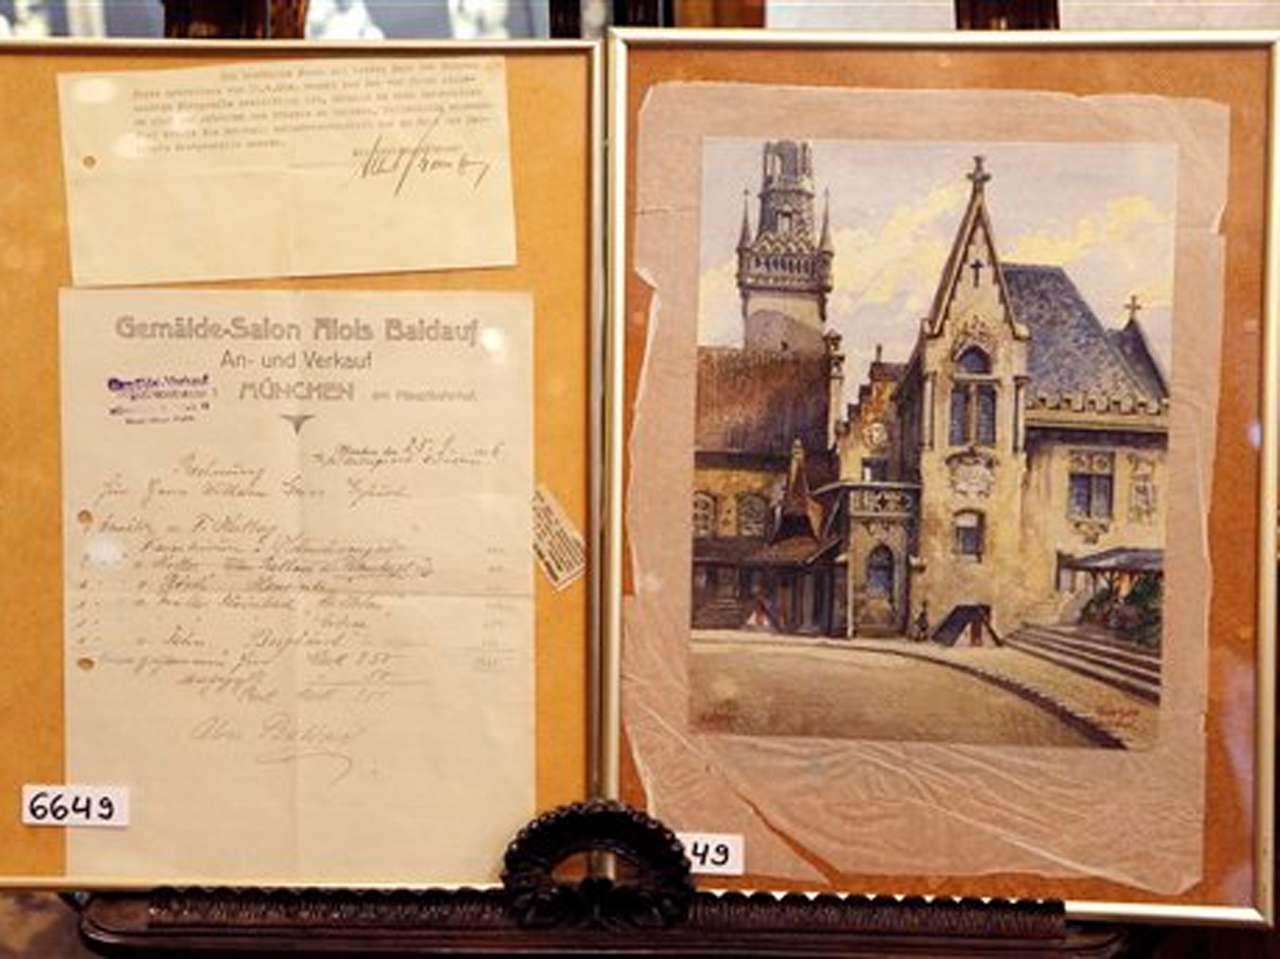 'El viejo ayuntamiento' por Adolfo Hitler. Foto: AP en español